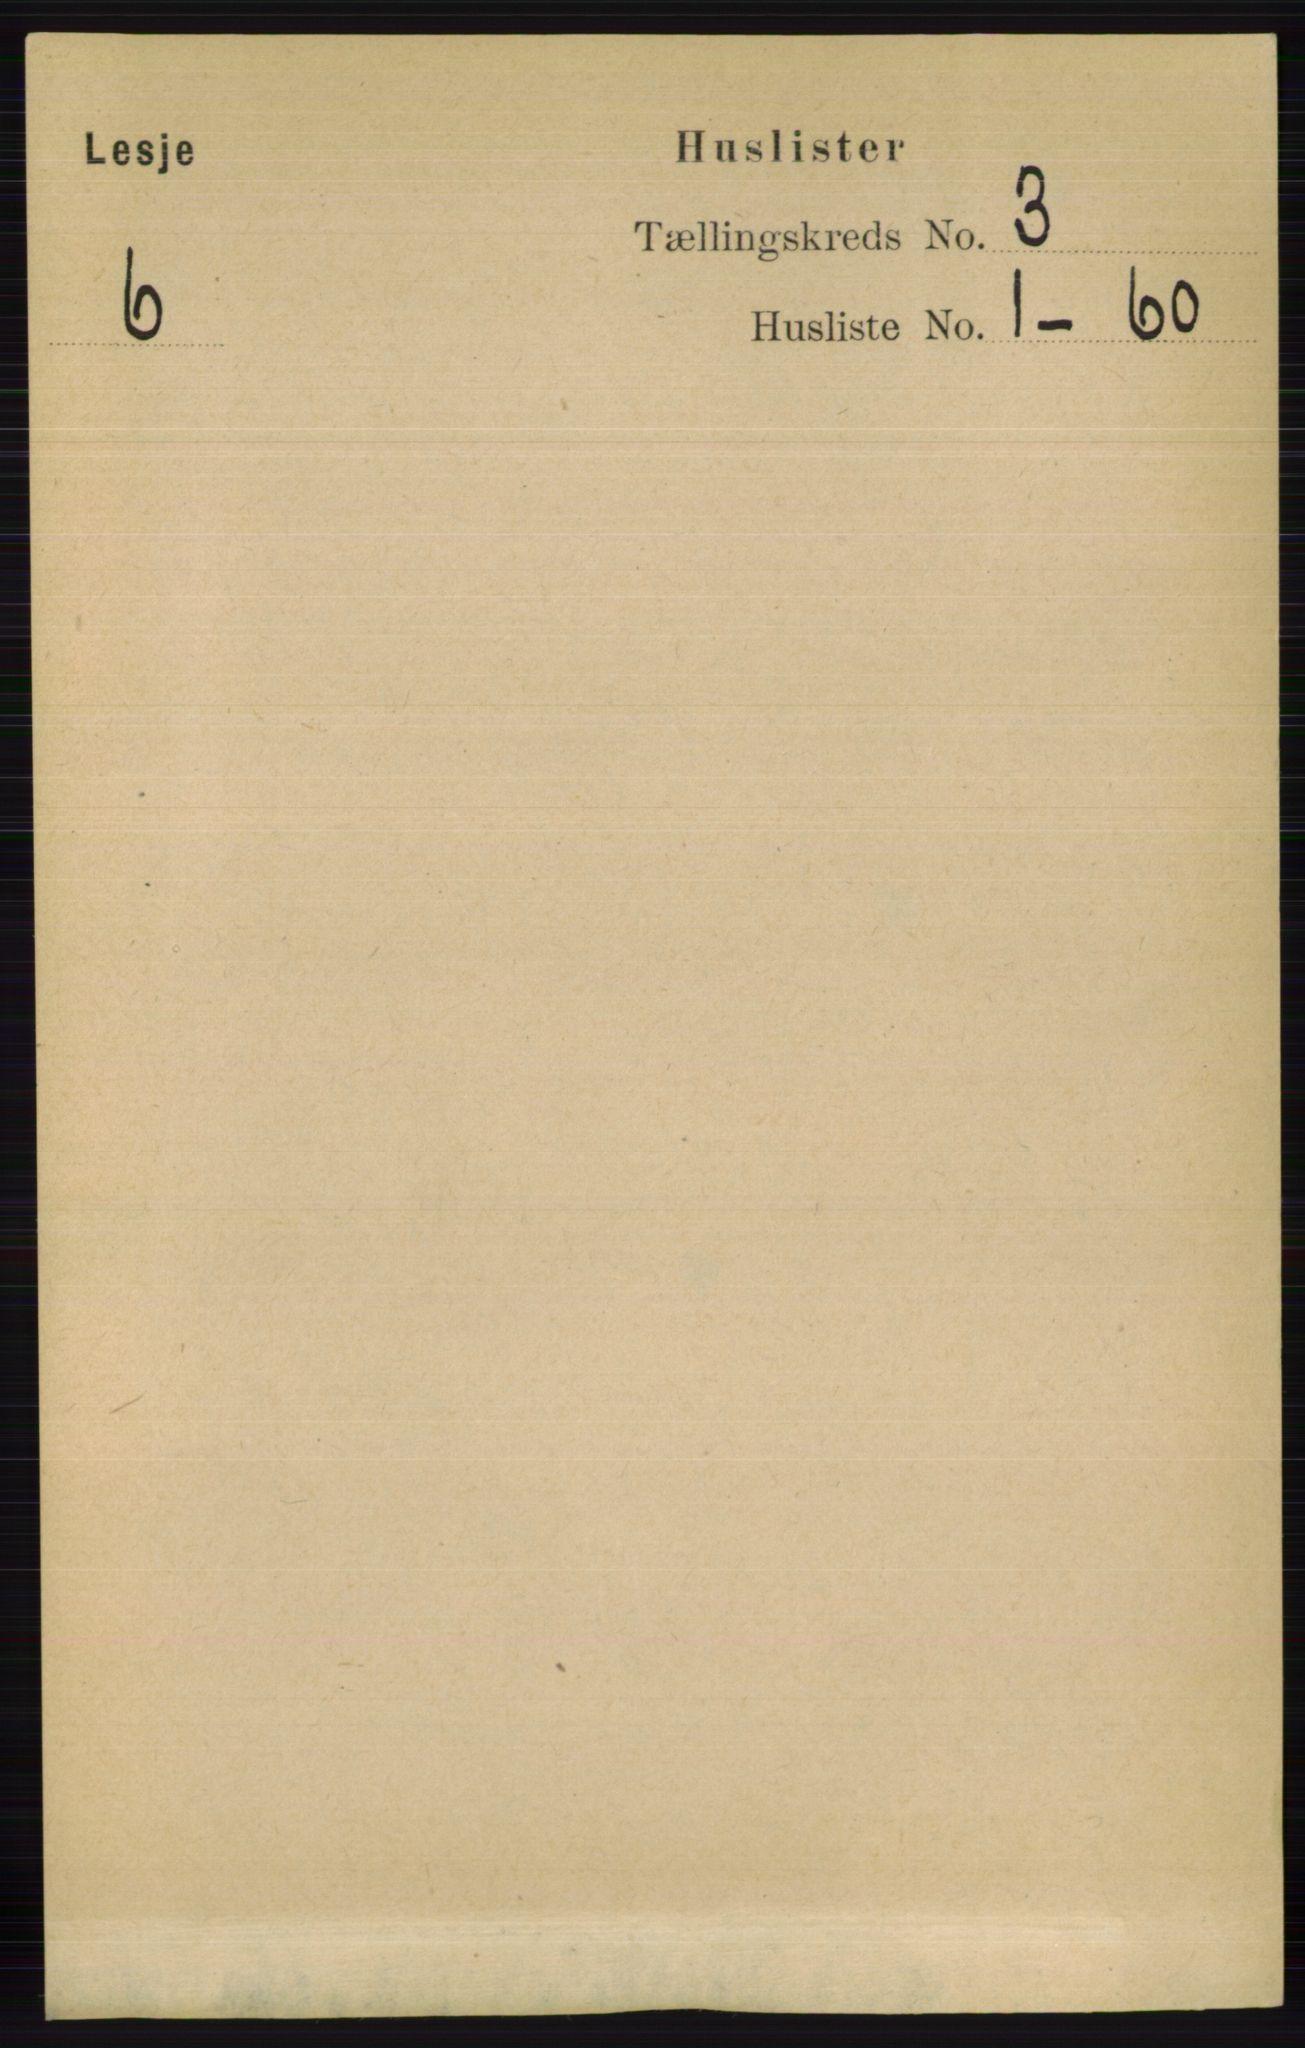 RA, Folketelling 1891 for 0512 Lesja herred, 1891, s. 569